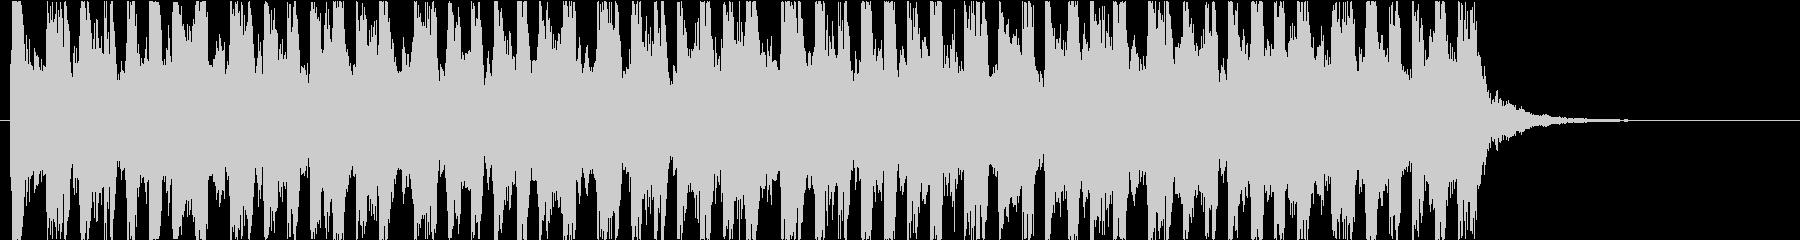 リズミカルなBGMの未再生の波形